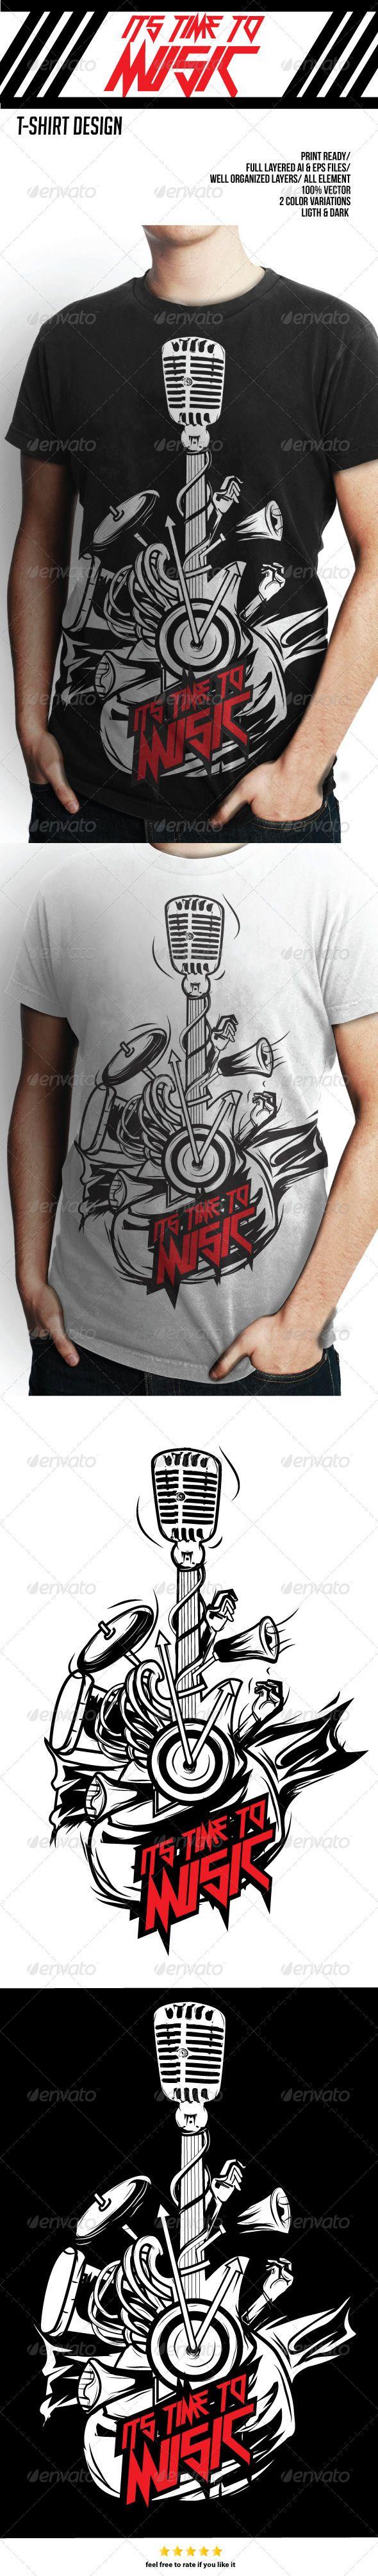 T shirt design jquery - Download Https Jquery Re Article Itmid 1008333144i